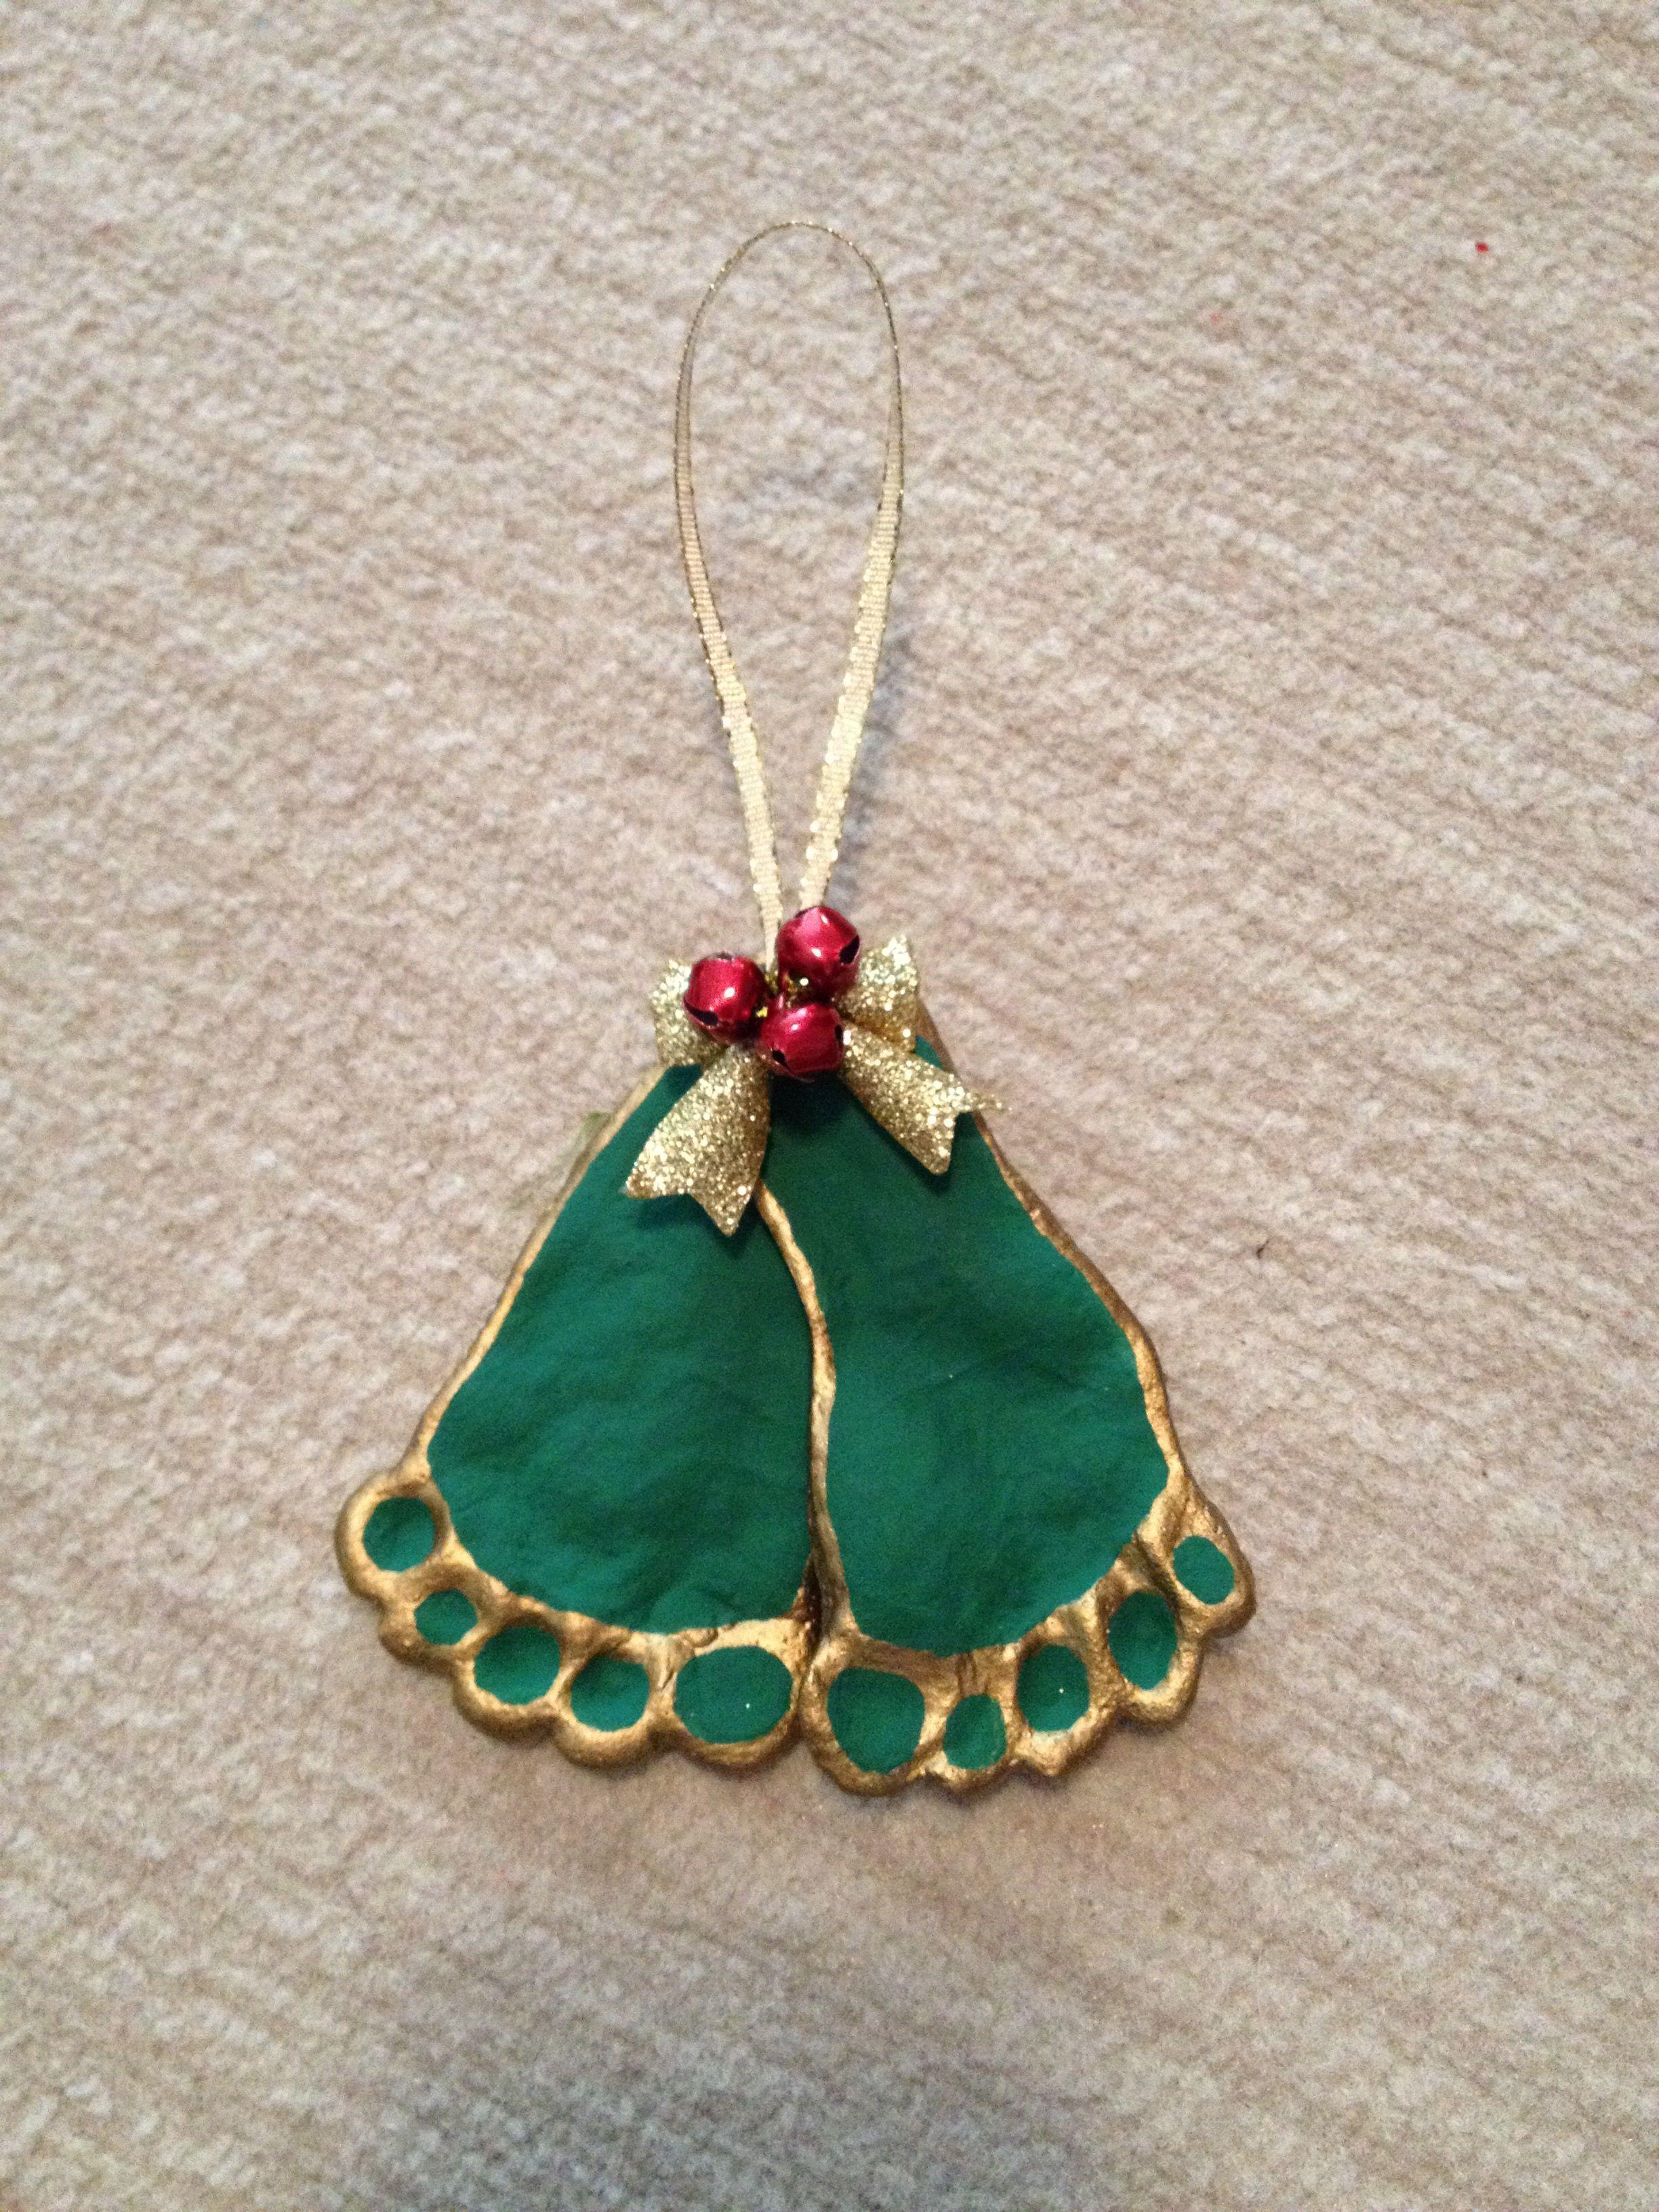 Weihnachtsschmuck Der Misteln Hergestellt Aus Salzteig Und Glocken Von Michael Baby Christmas Crafts Christmas Crafts Baby Crafts